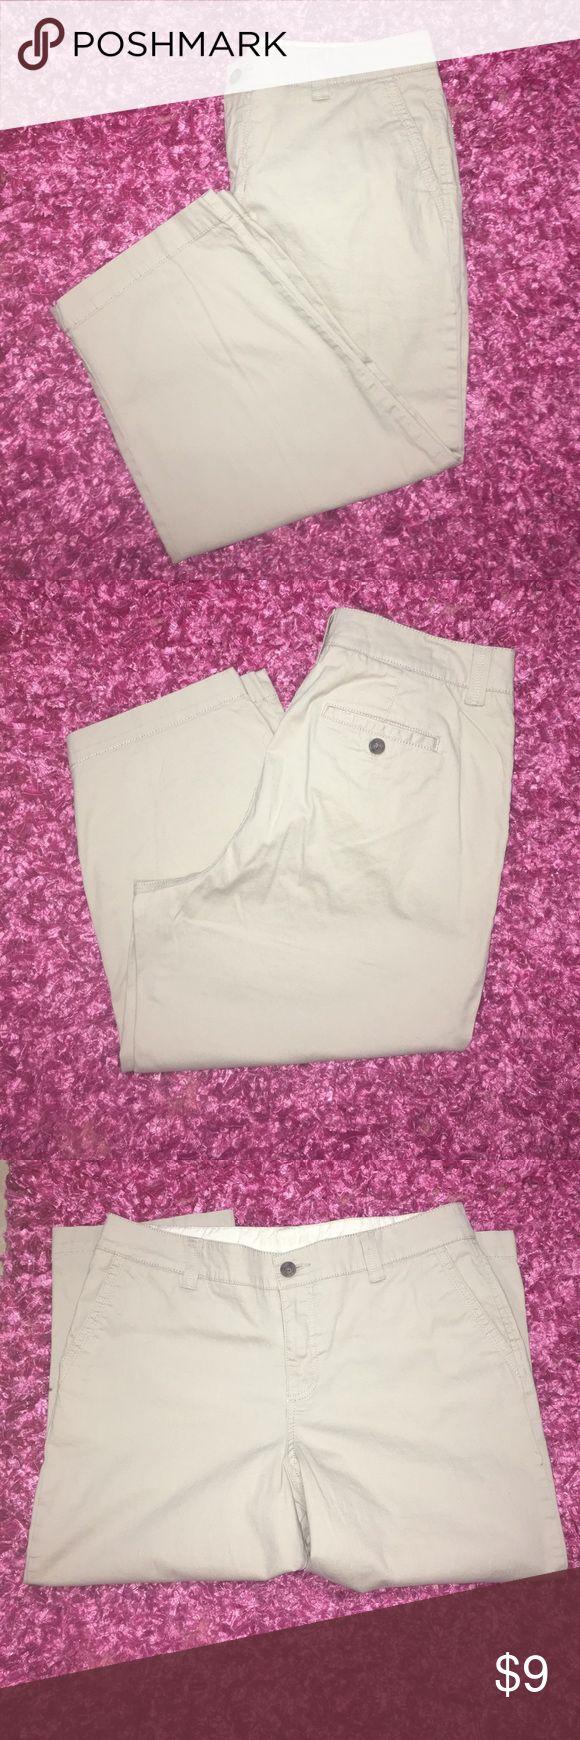 Sonoma Khaki Capri. Sonoma Capri khaki color. Size 12. Really good shape. Sonoma Pants Capris